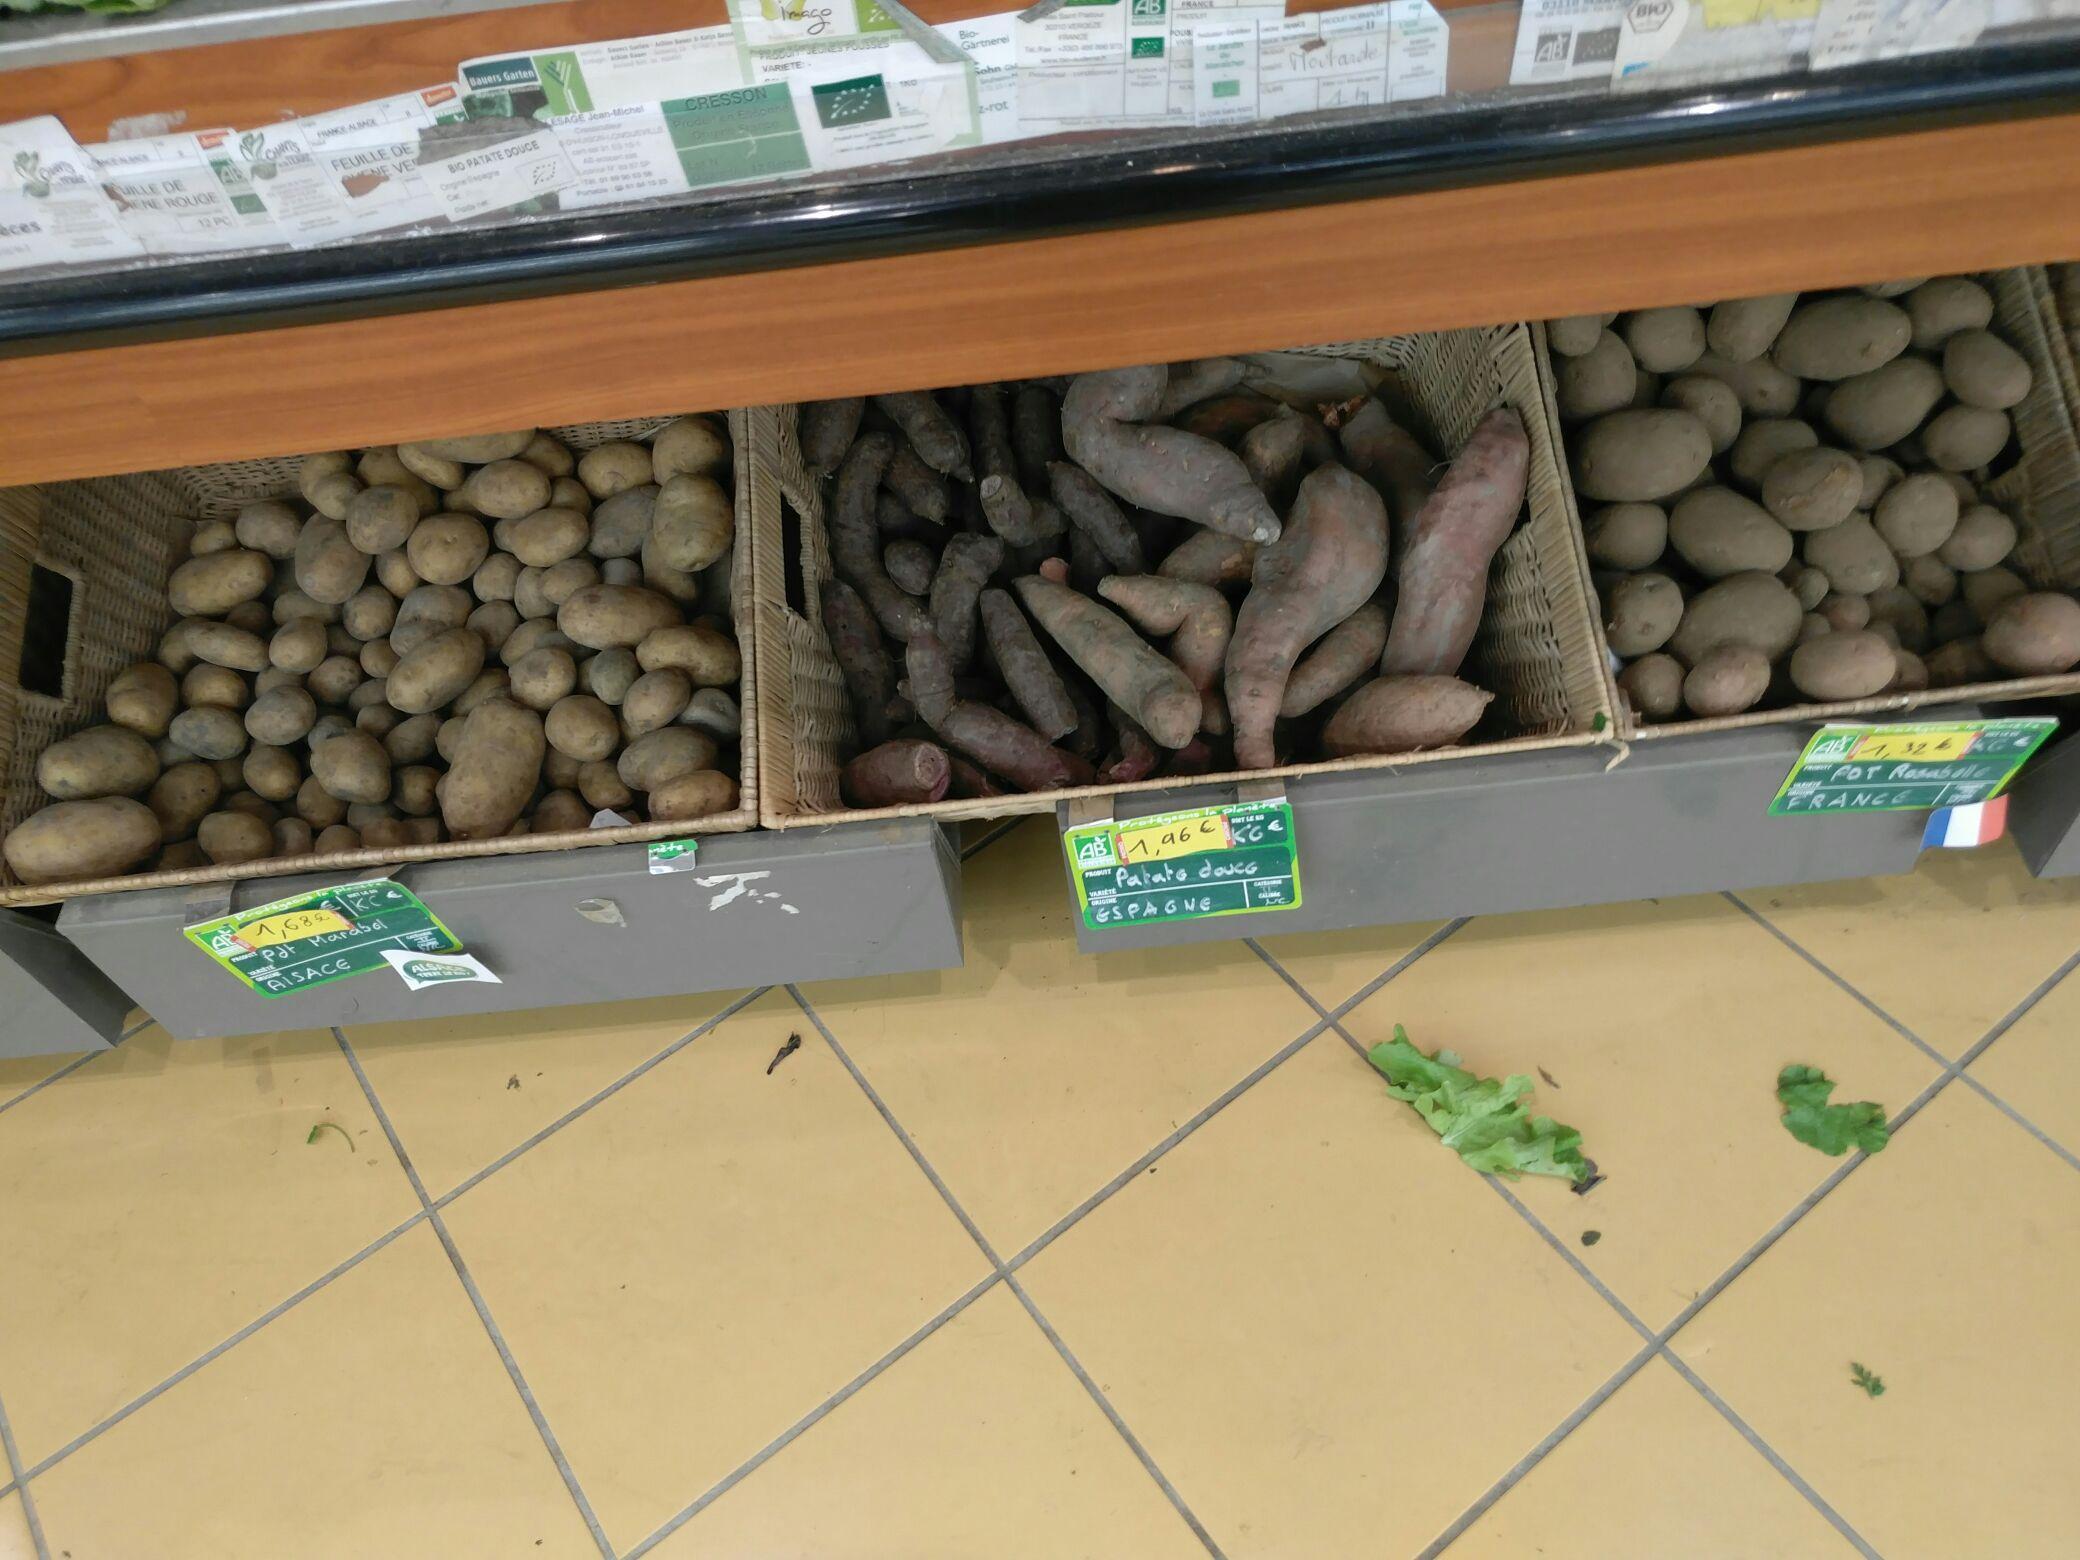 Tous les Fruits & légumes bio prix coûtant - Ex : Le kilo de patates douces